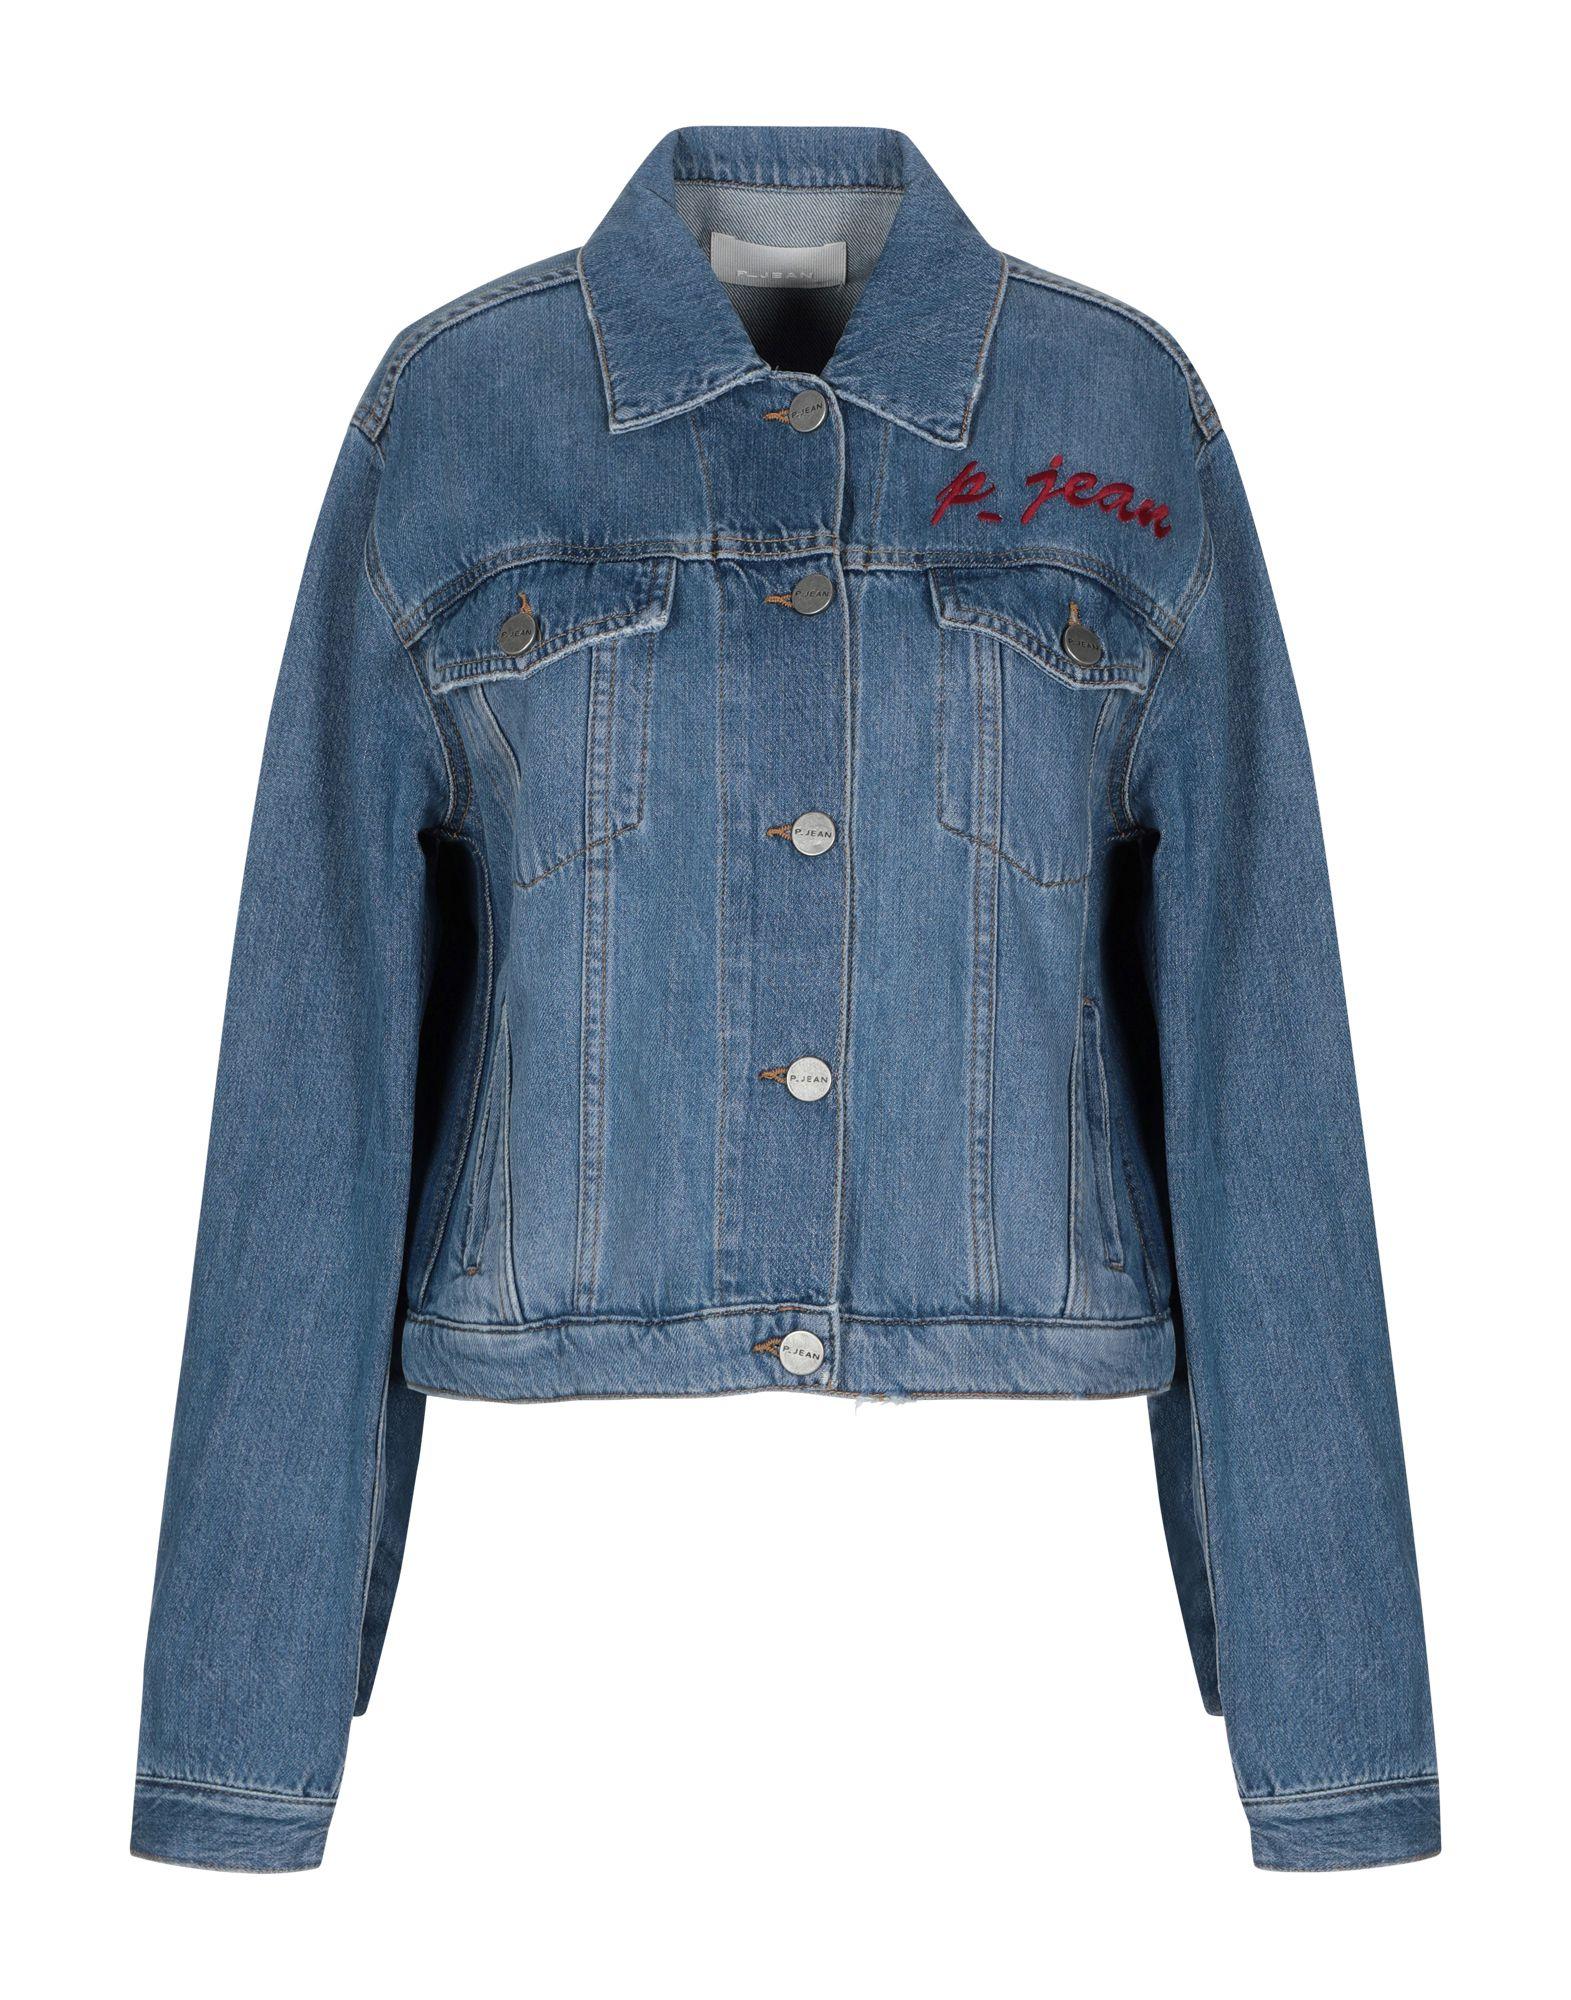 глория джинс интернет магазин каталог одежды для детей